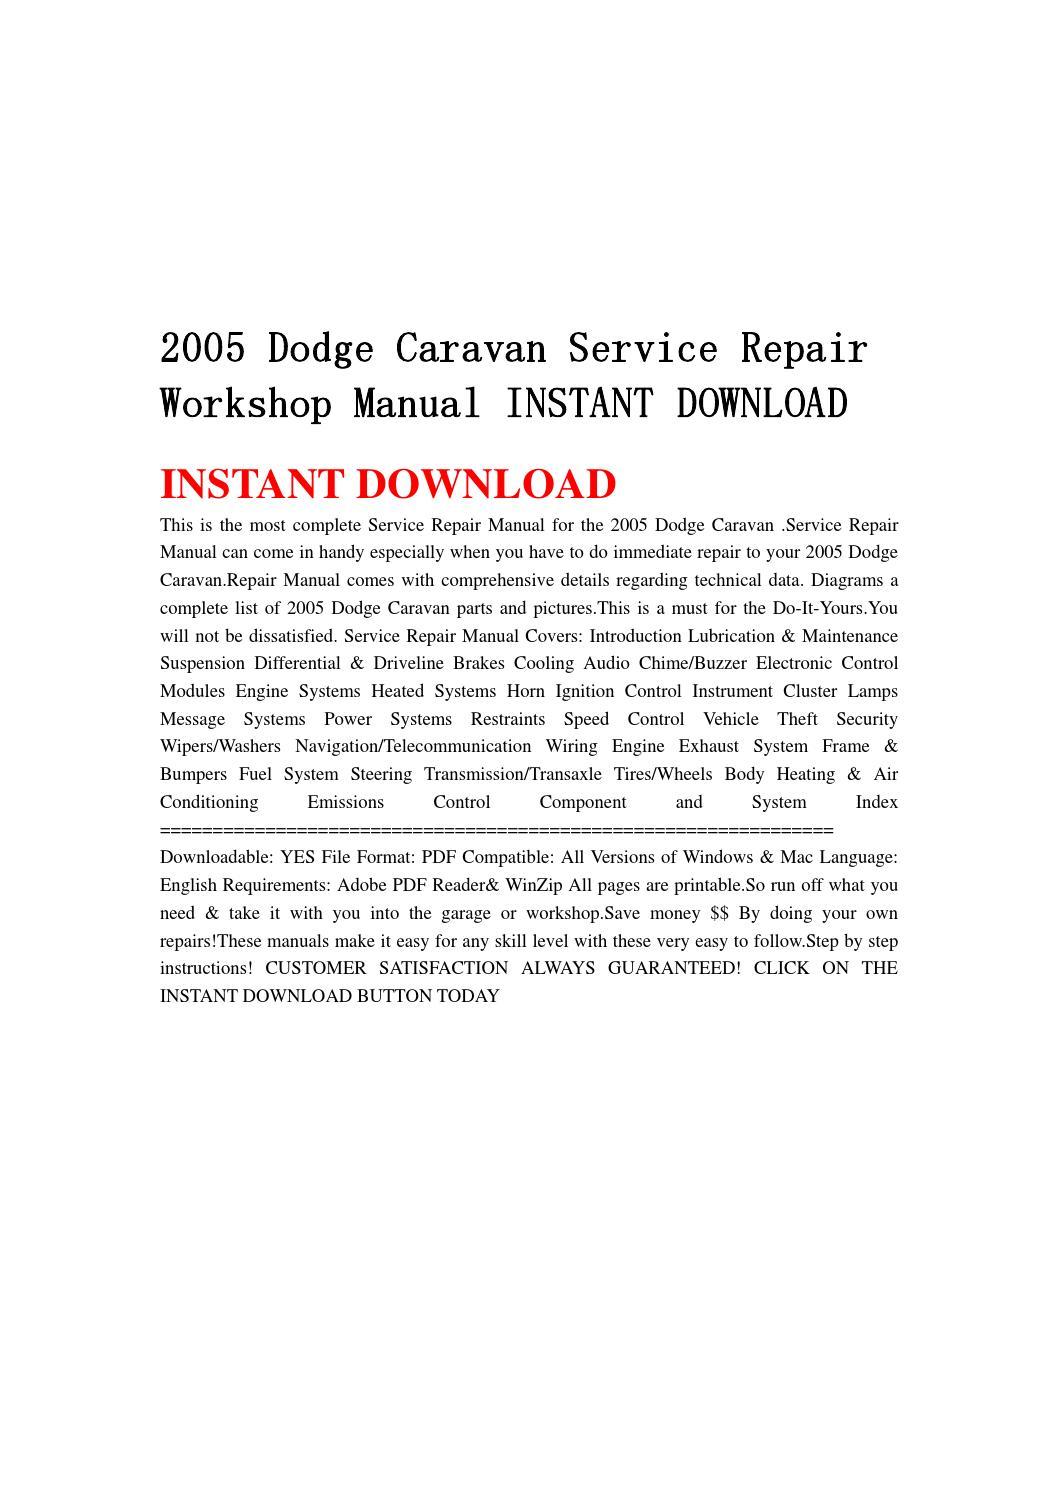 2005 dodge caravan service repair workshop manual instant download by  jjfhsbebf - issuu